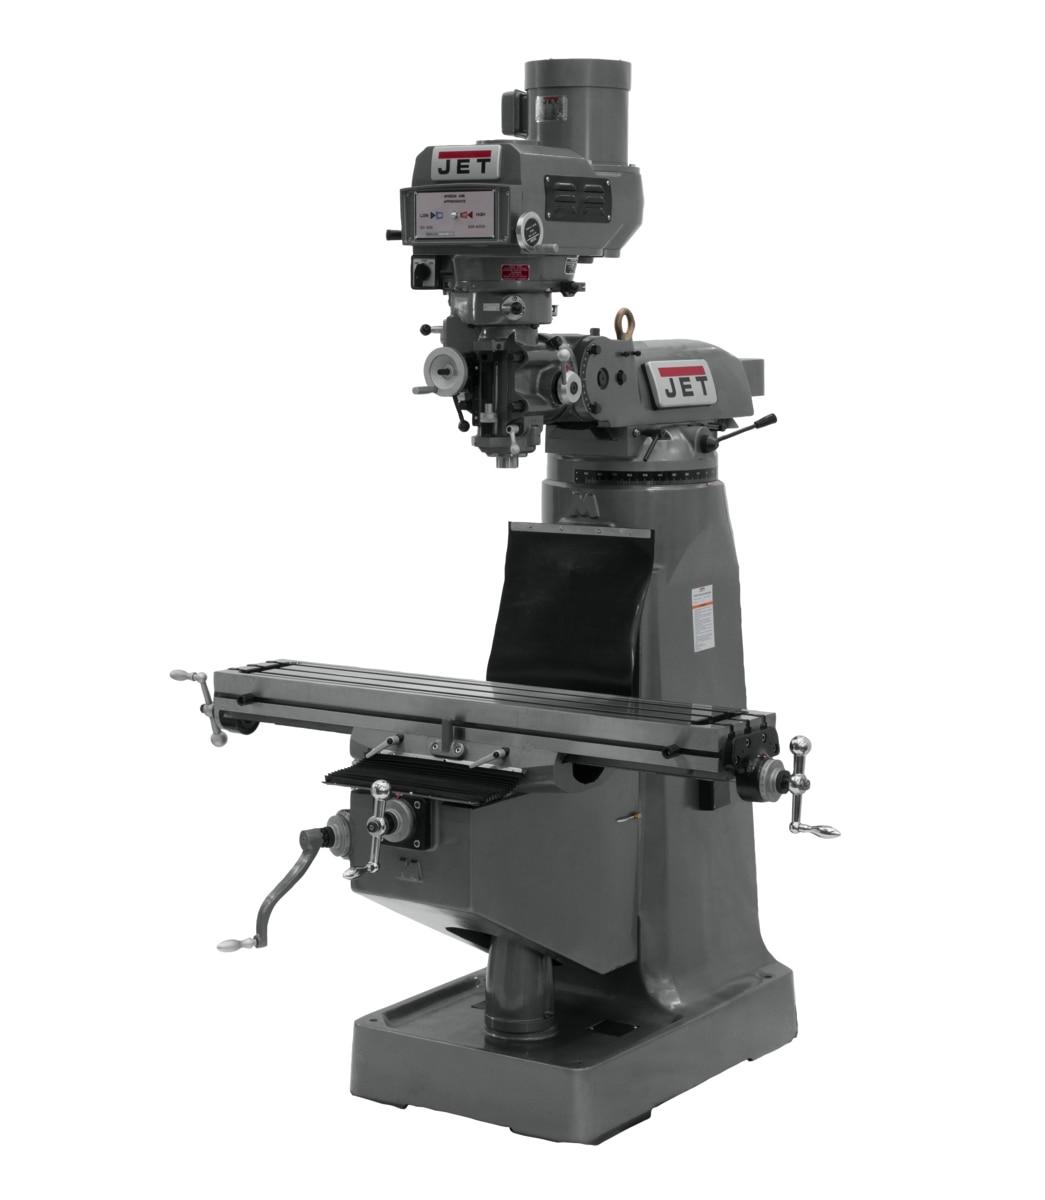 JTM-4VS-1 Variable Speed Vertical Milling Machine 115/230V 1Ph